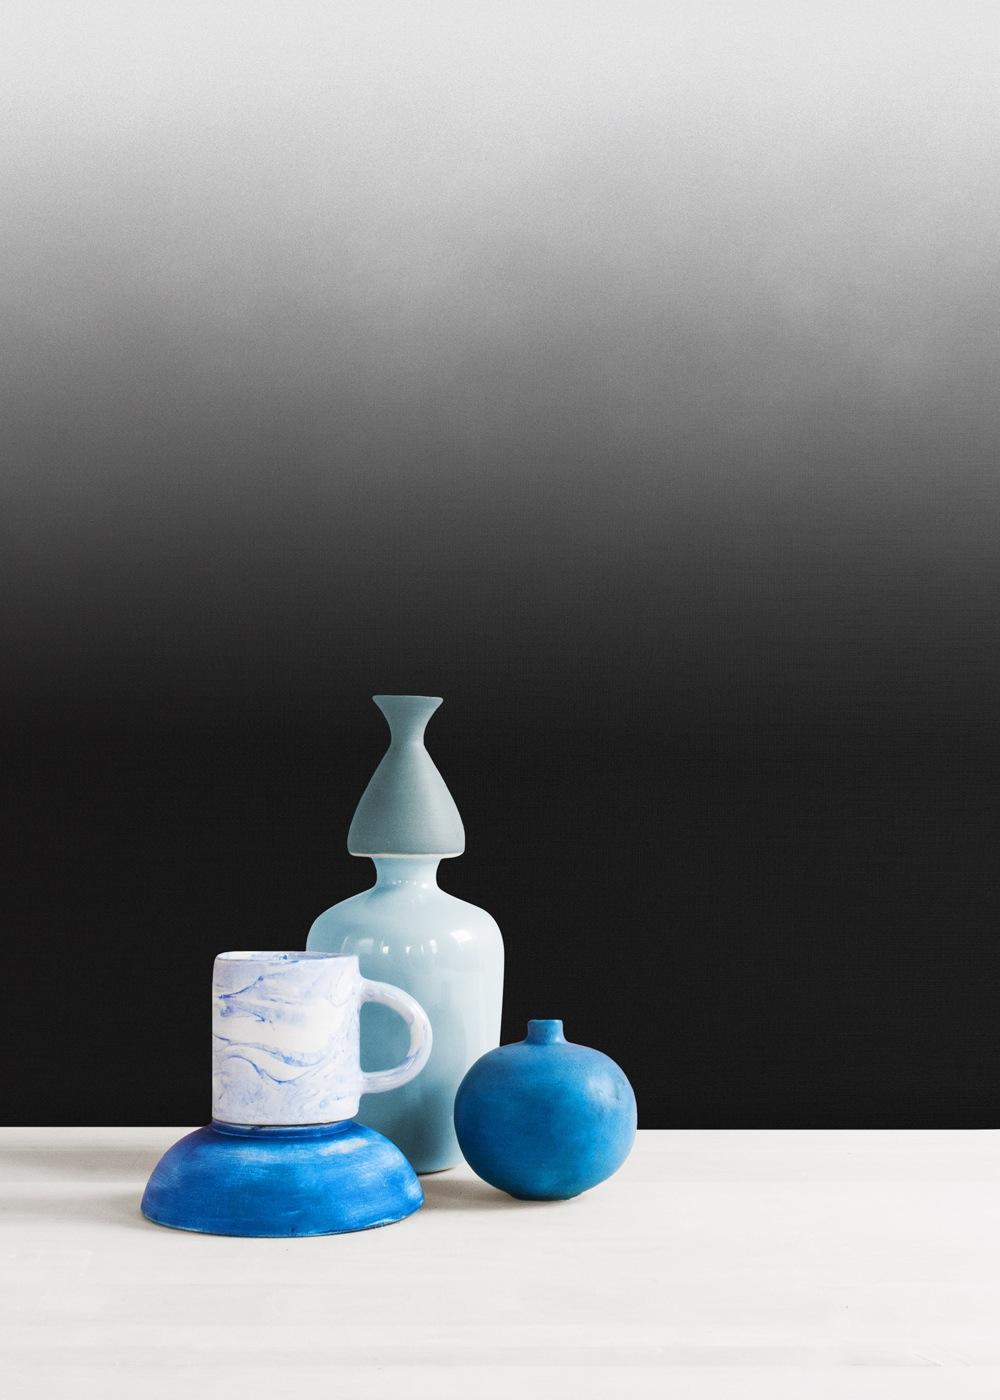 le tie dye en papier peint et d co murale blog d co de mlc. Black Bedroom Furniture Sets. Home Design Ideas